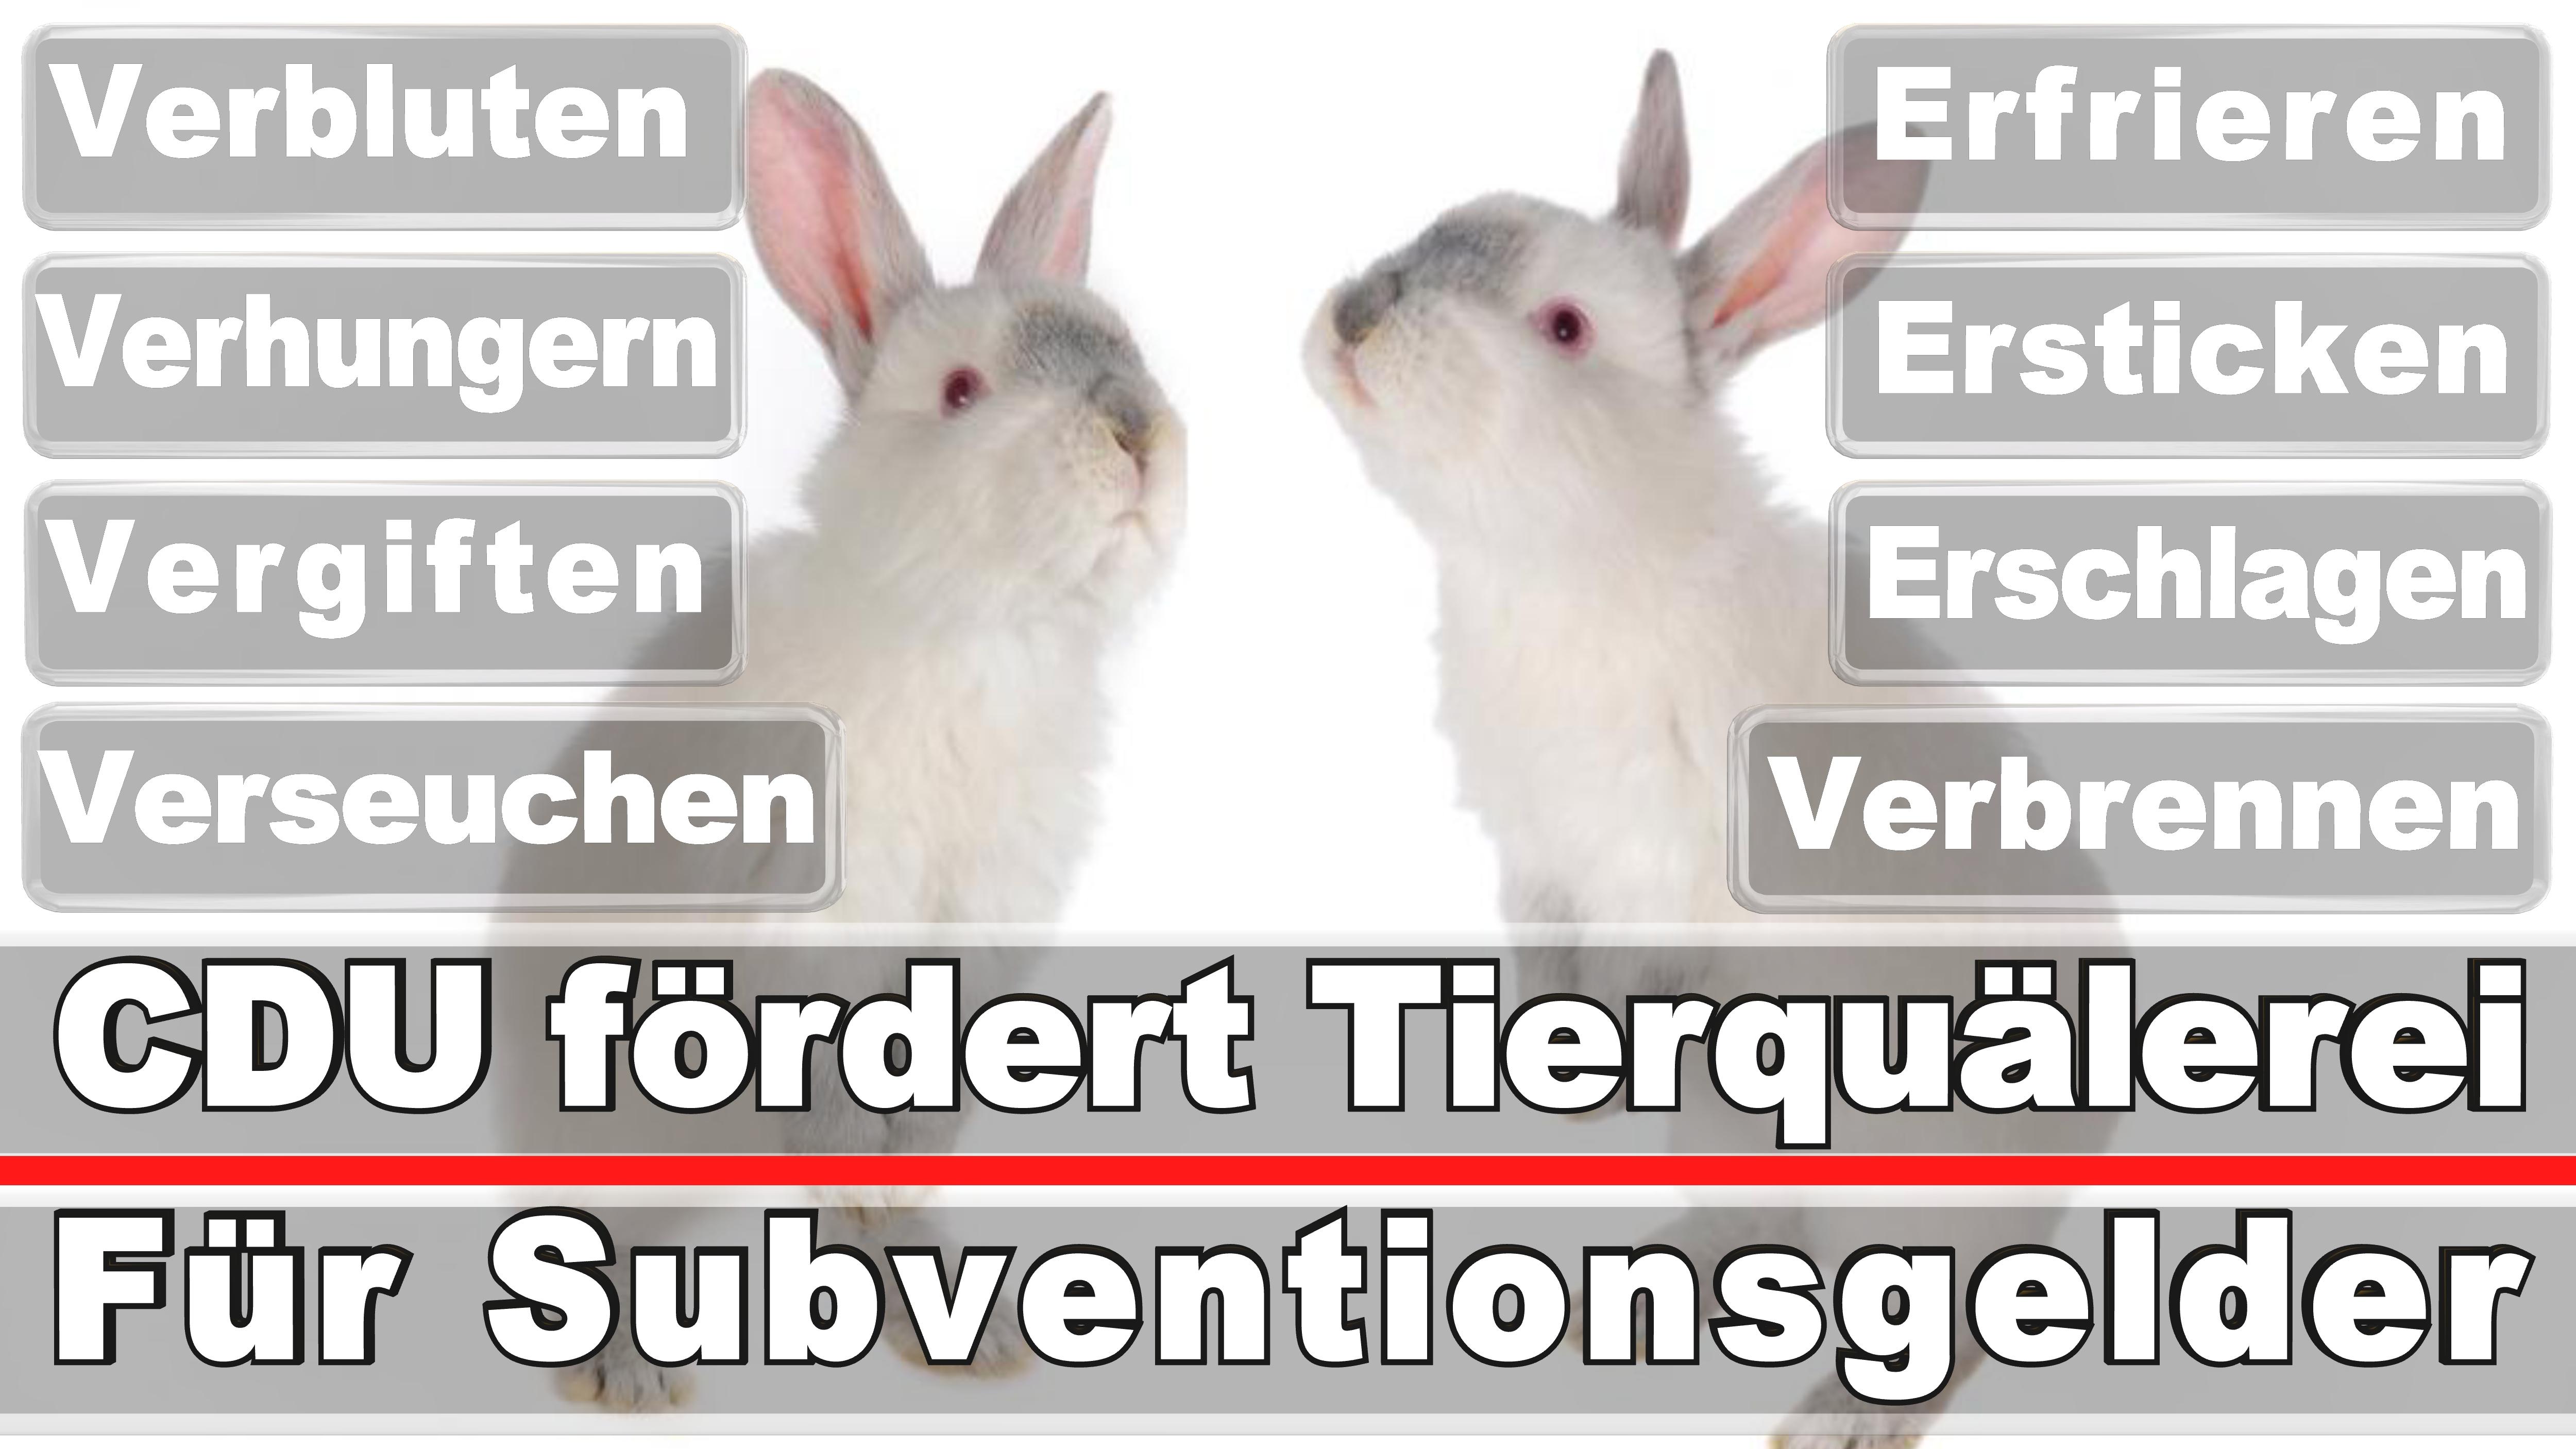 Landtagswahl-Bundestagswahl-CDU-SPD-FDP-AFD-Linke-Piraten (4)